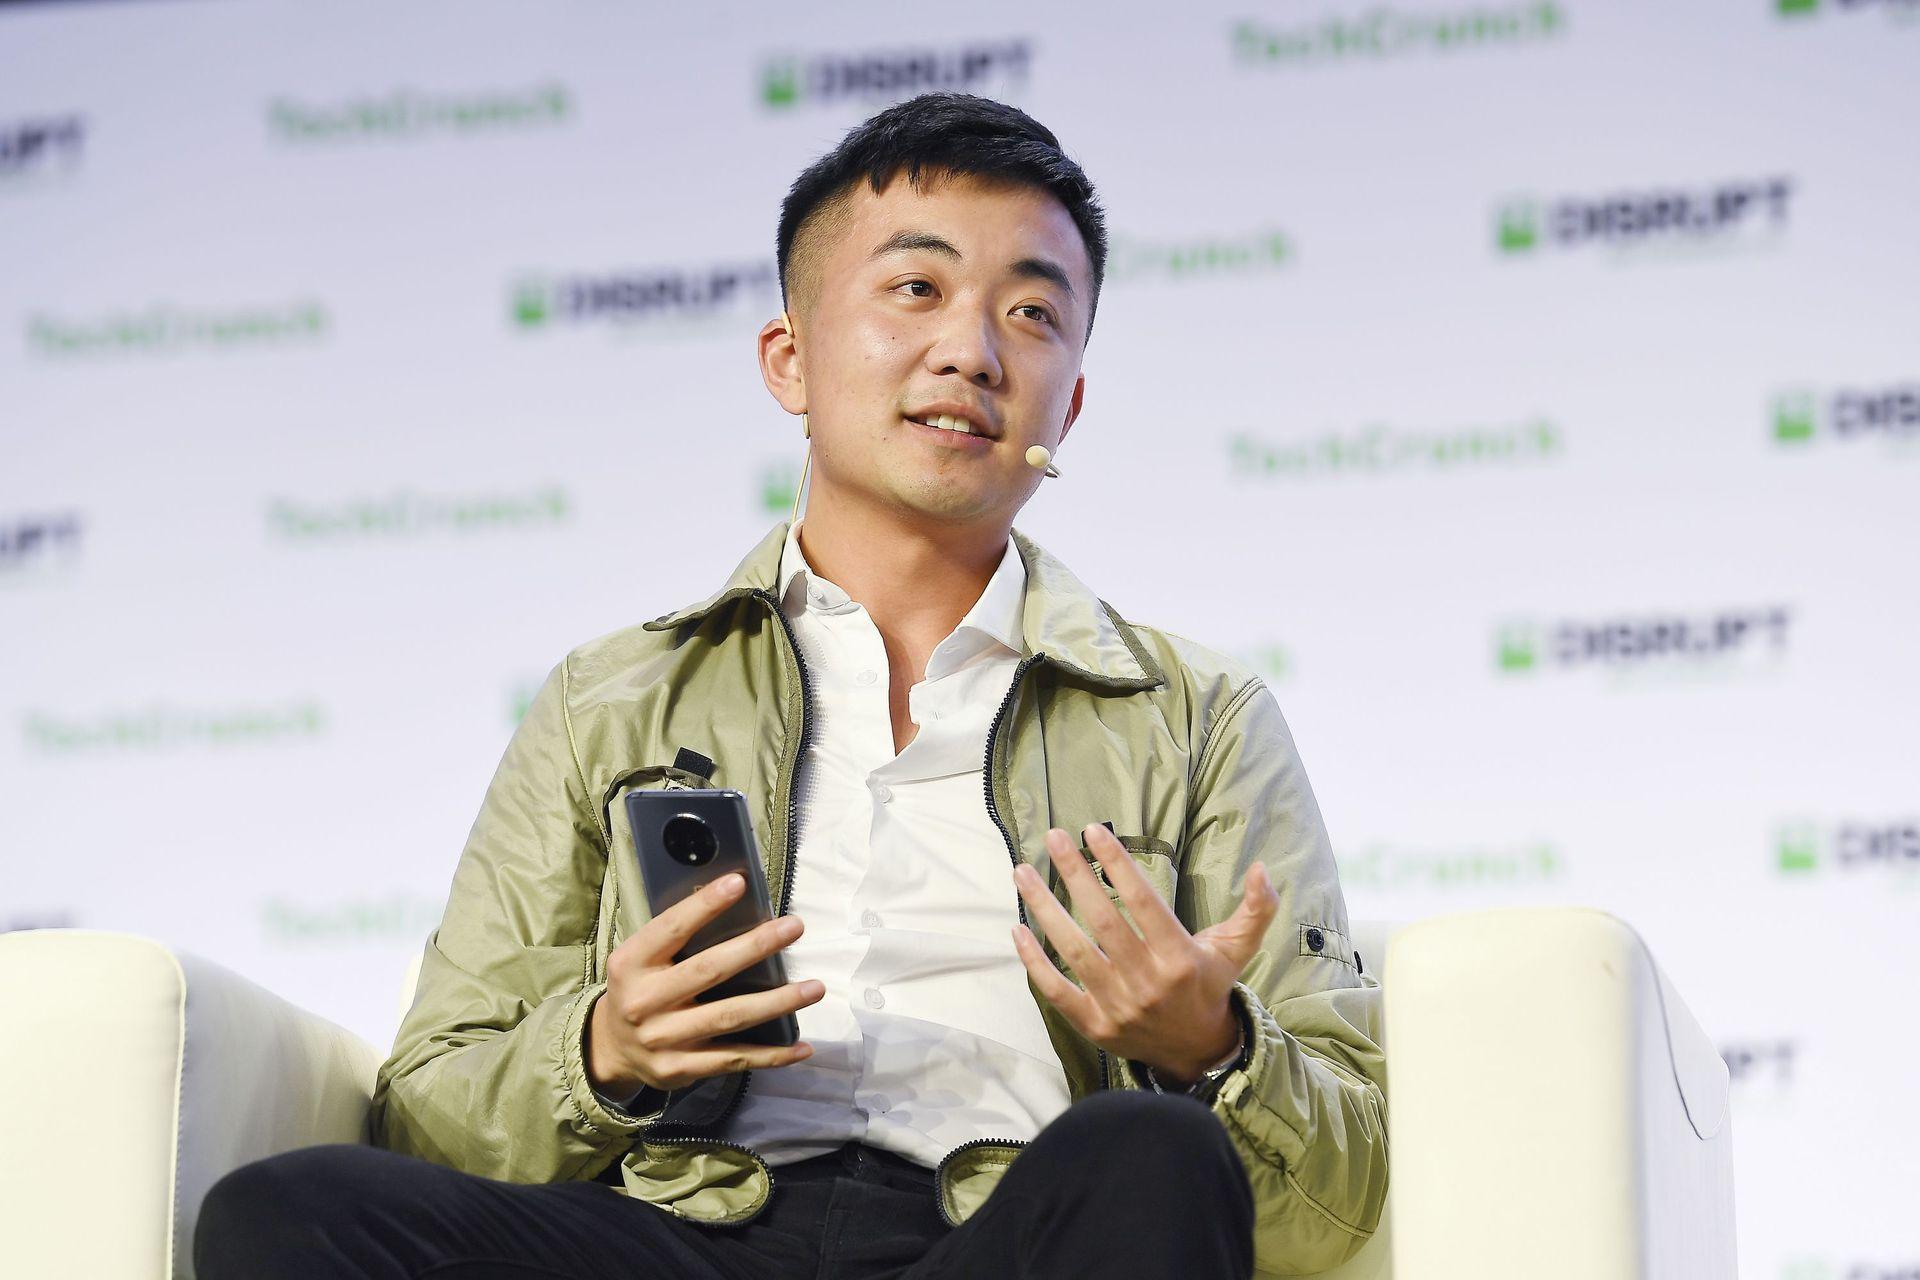 , Le co-fondareur de OnePlus Carl Pei explique les raisons de son départ